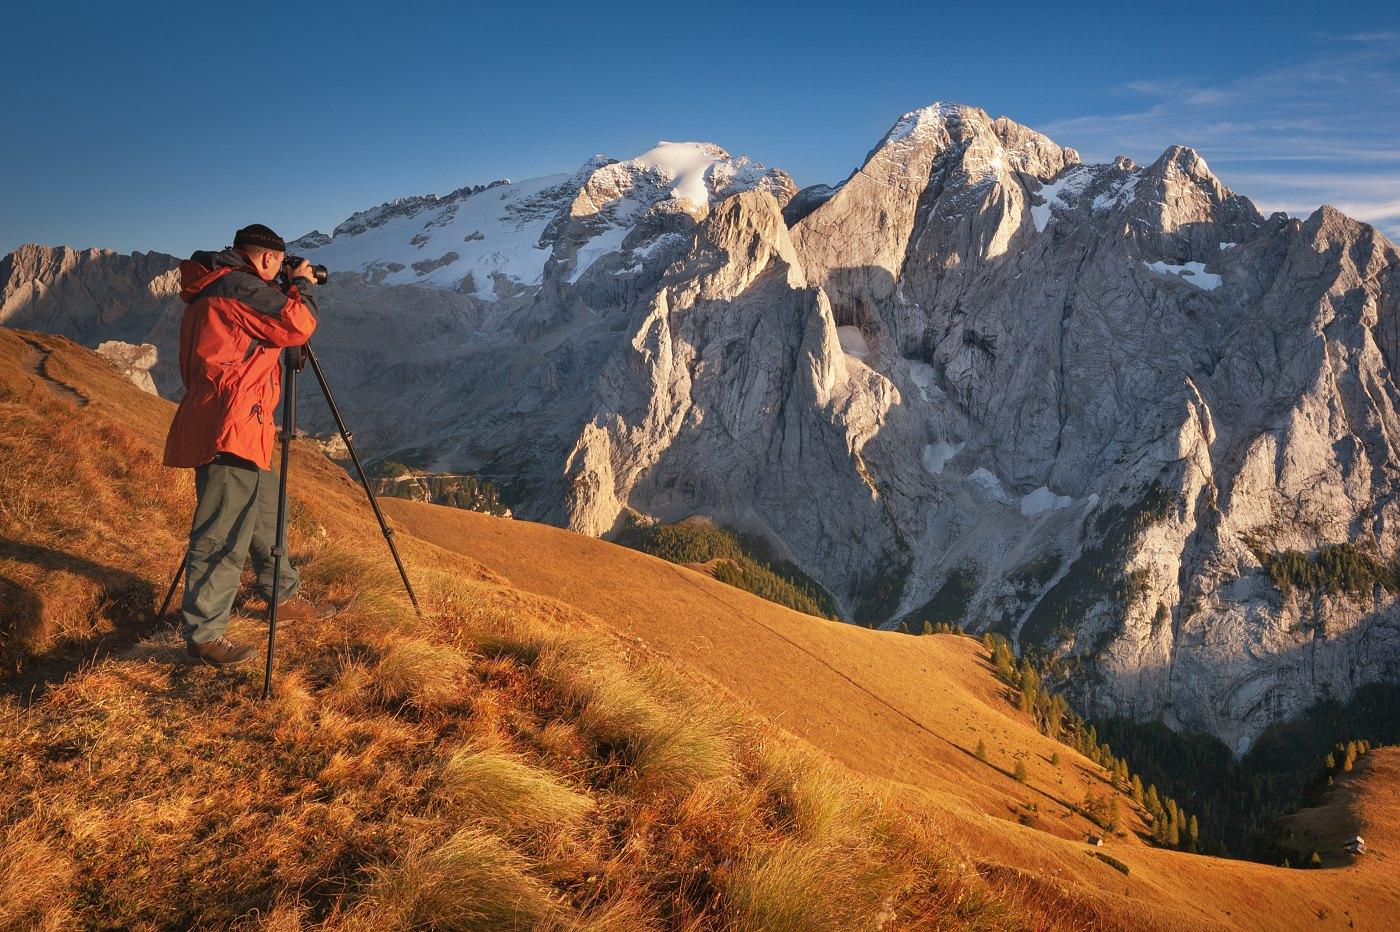 Fotograf Daniel Řeřicha fotografuje v podzimních Dolomitech ledovec Marmolada